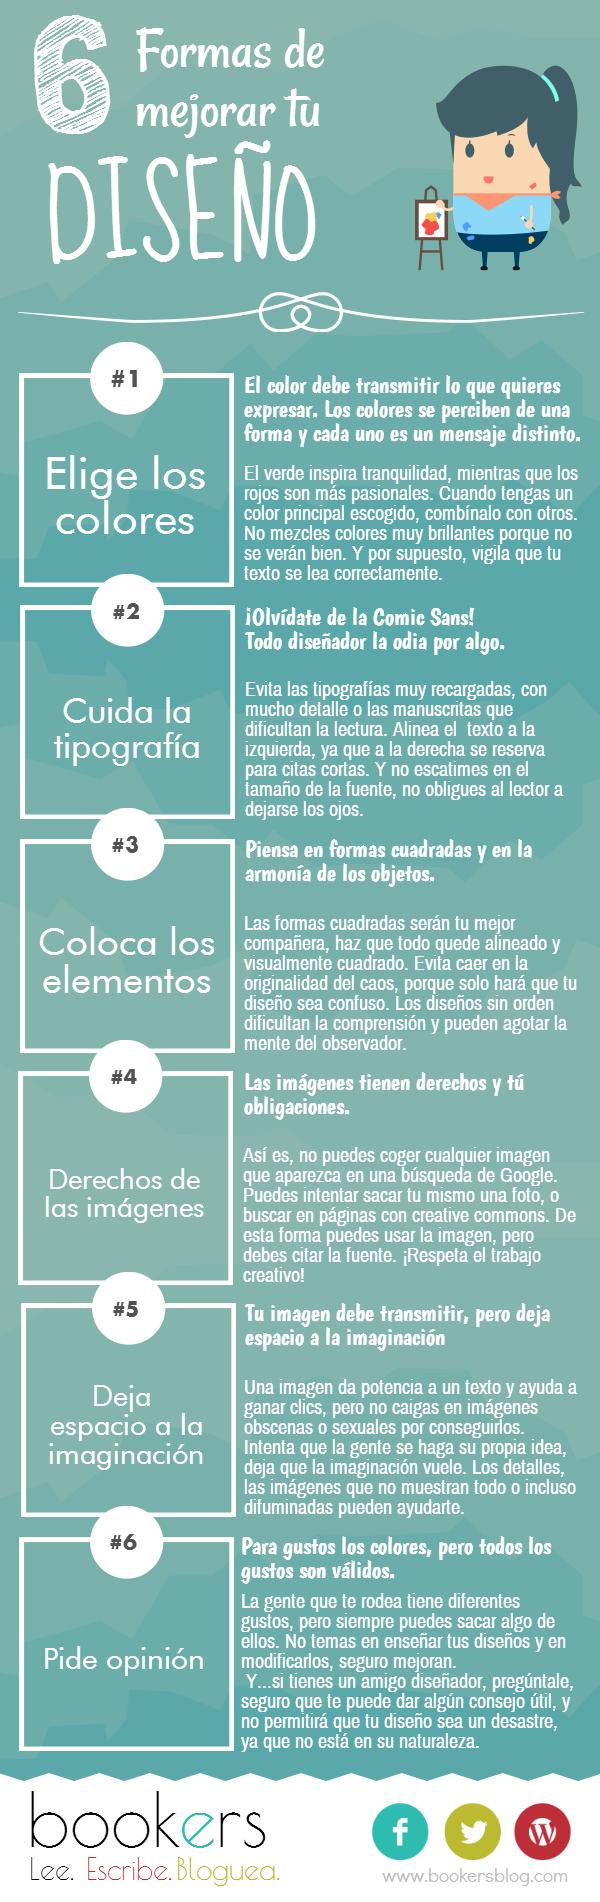 6  Formas de mejorar tu diseño